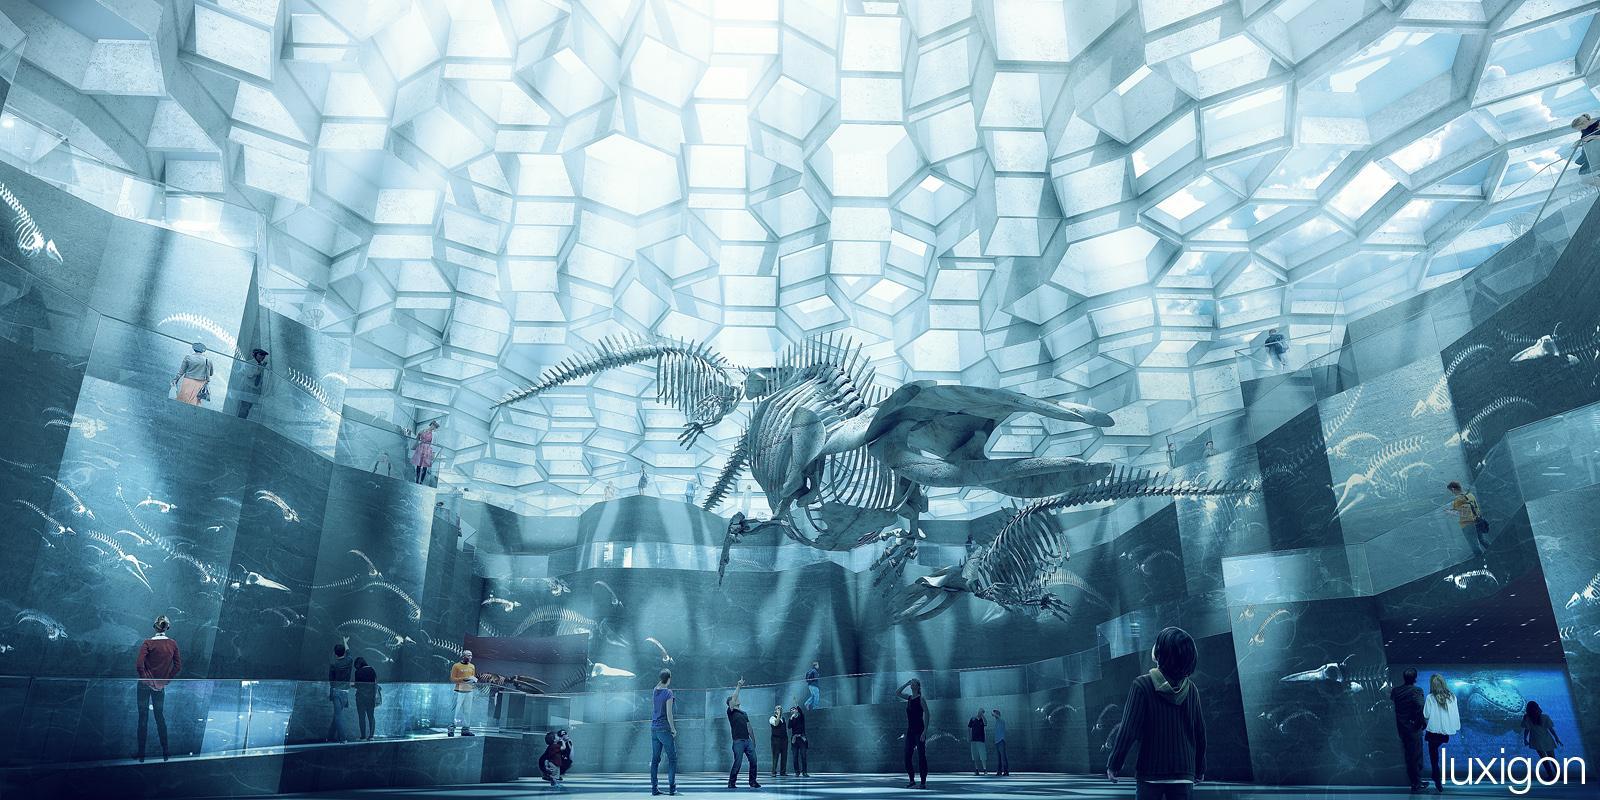 musée d'histoire naturelle - Copenhagen, DK «LUXIGON